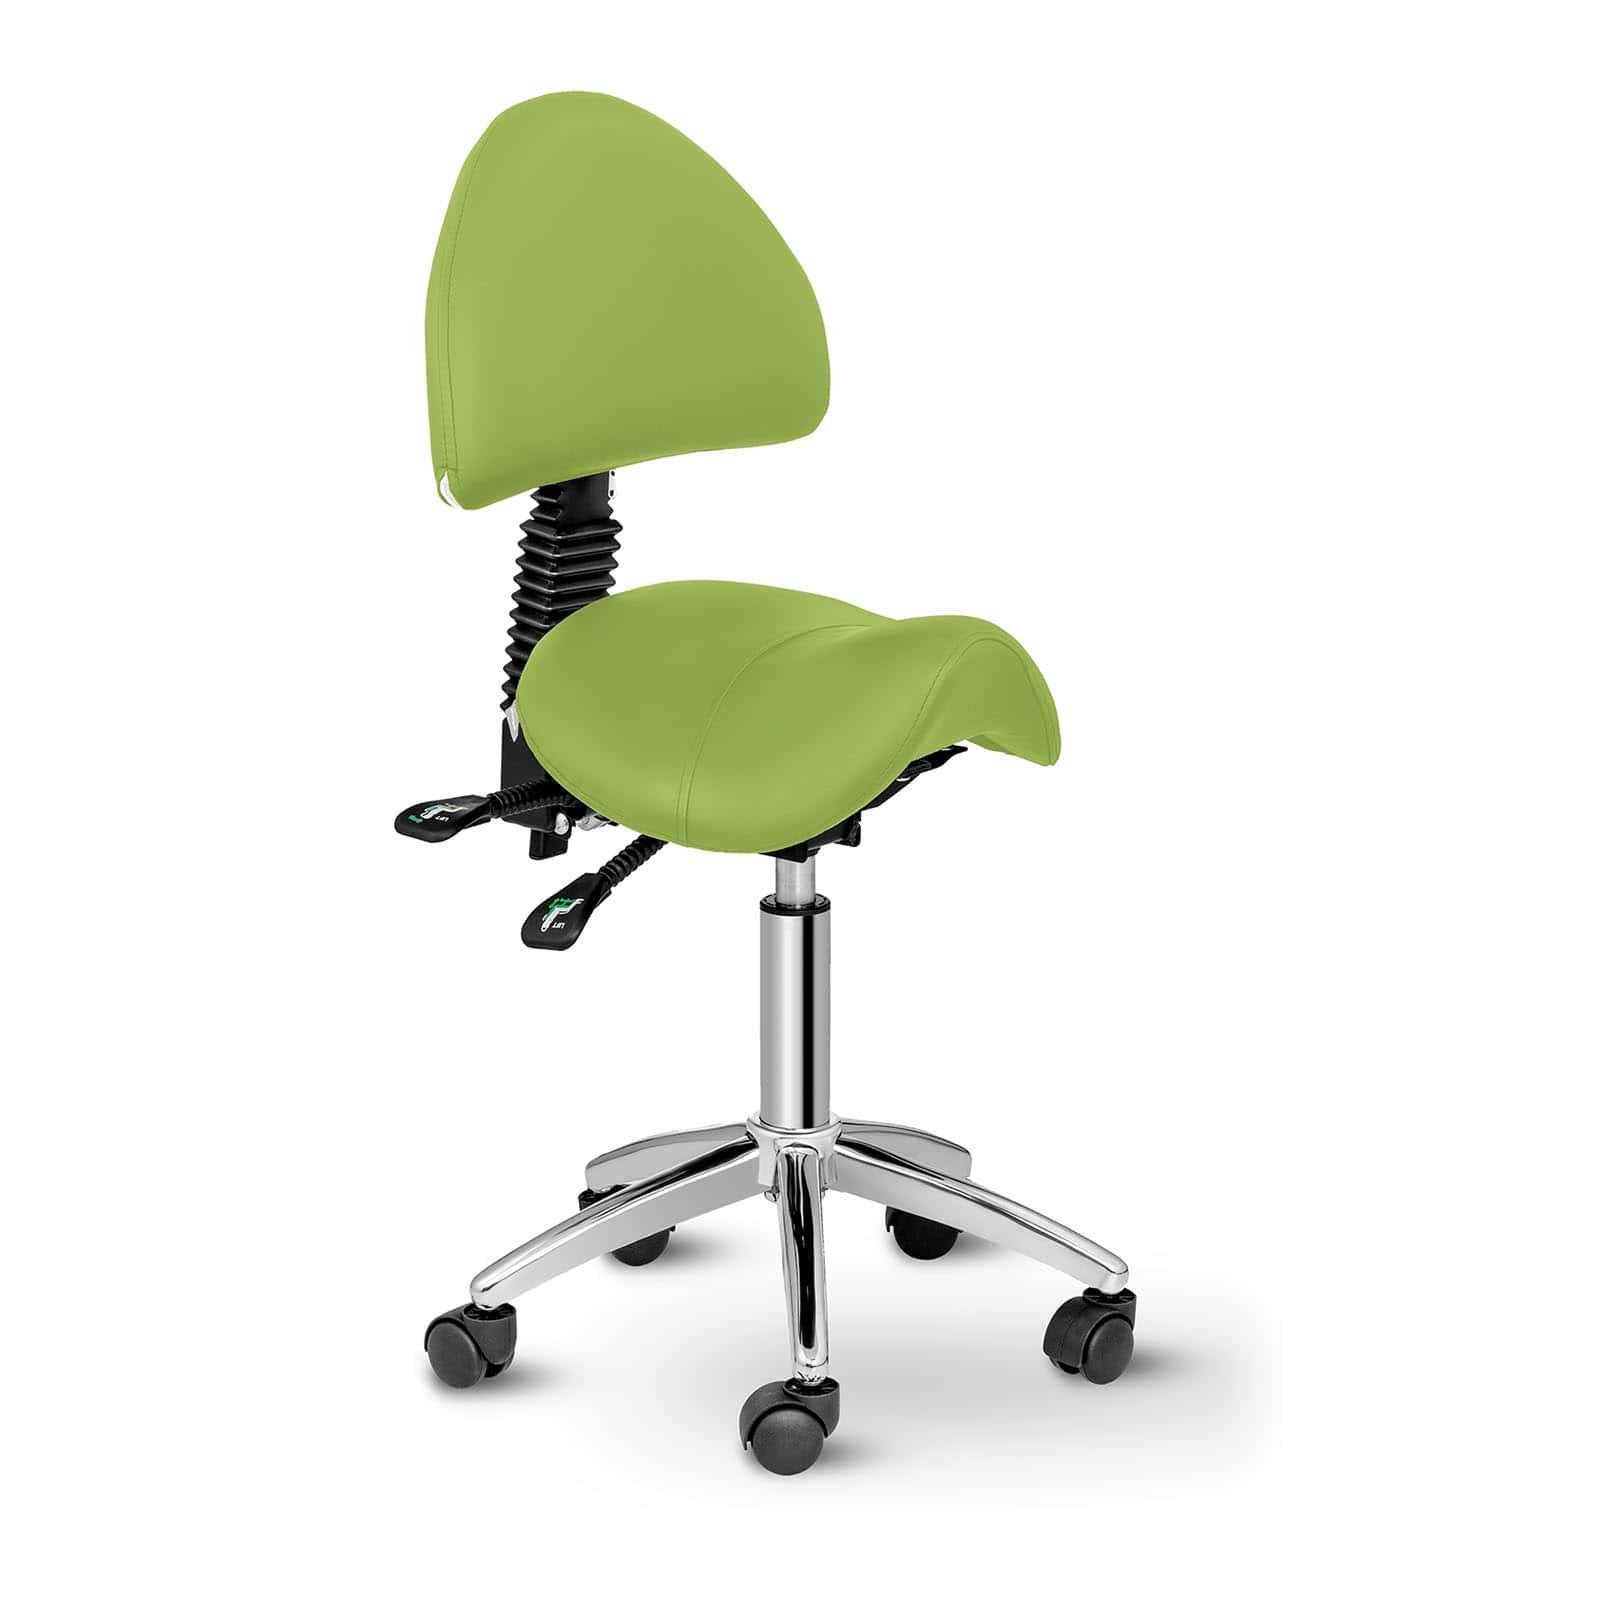 Krzesło siodłowe Berlin - jasnozielone - oparcie